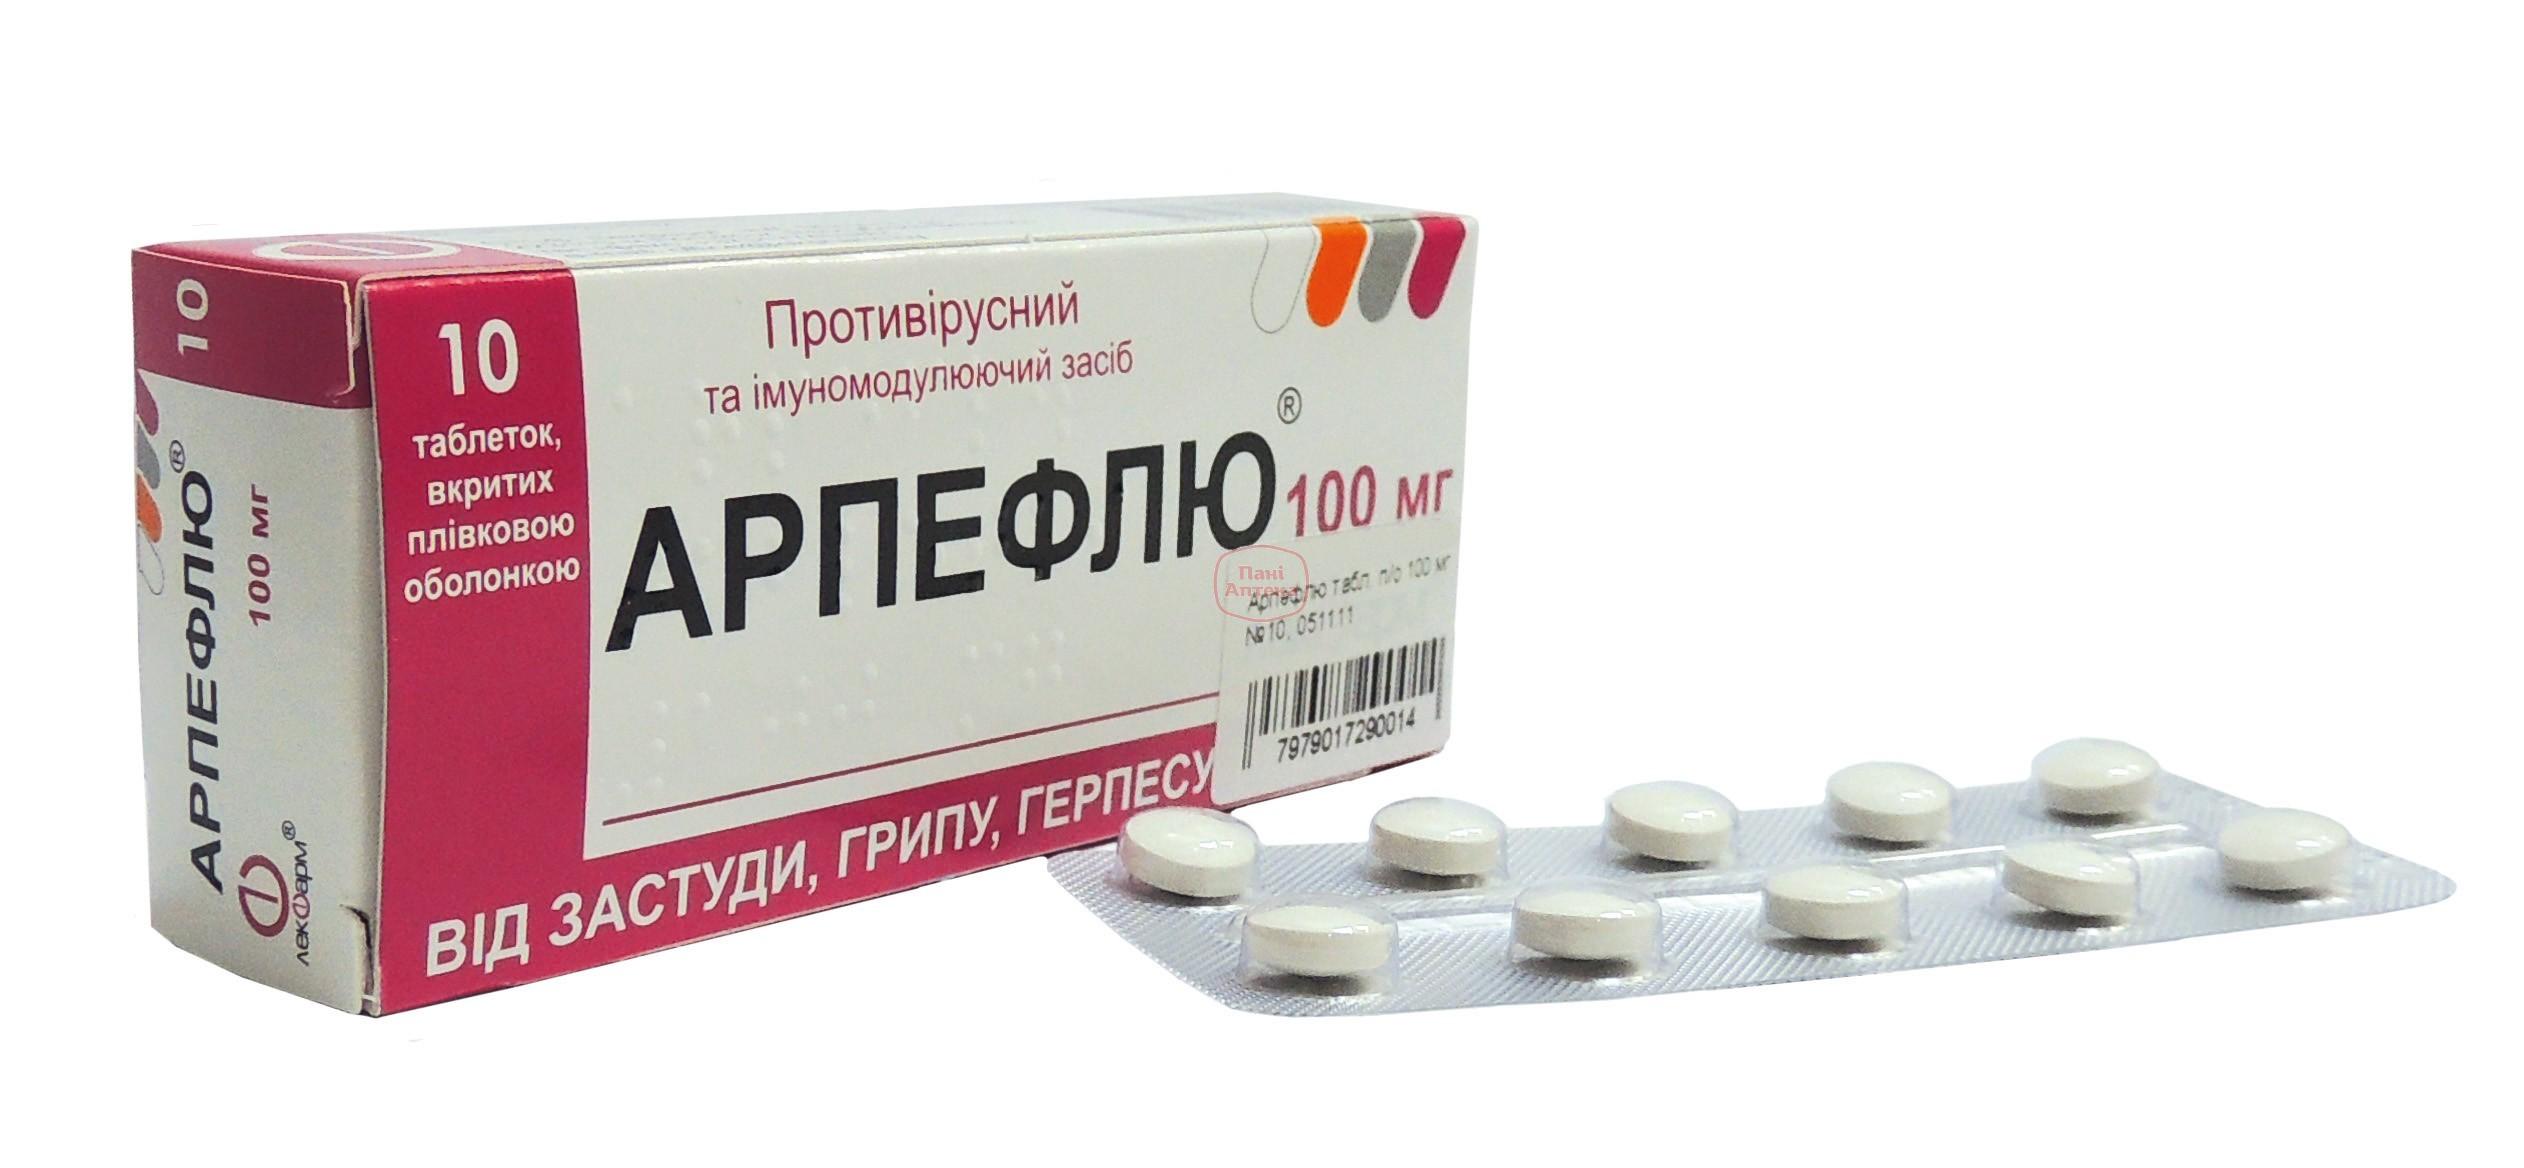 АРПЕФЛЮ (Метилфенилтиометил-диметиламинометил-гидроксиброминдол карбоновой кислоты этиловый эфир)